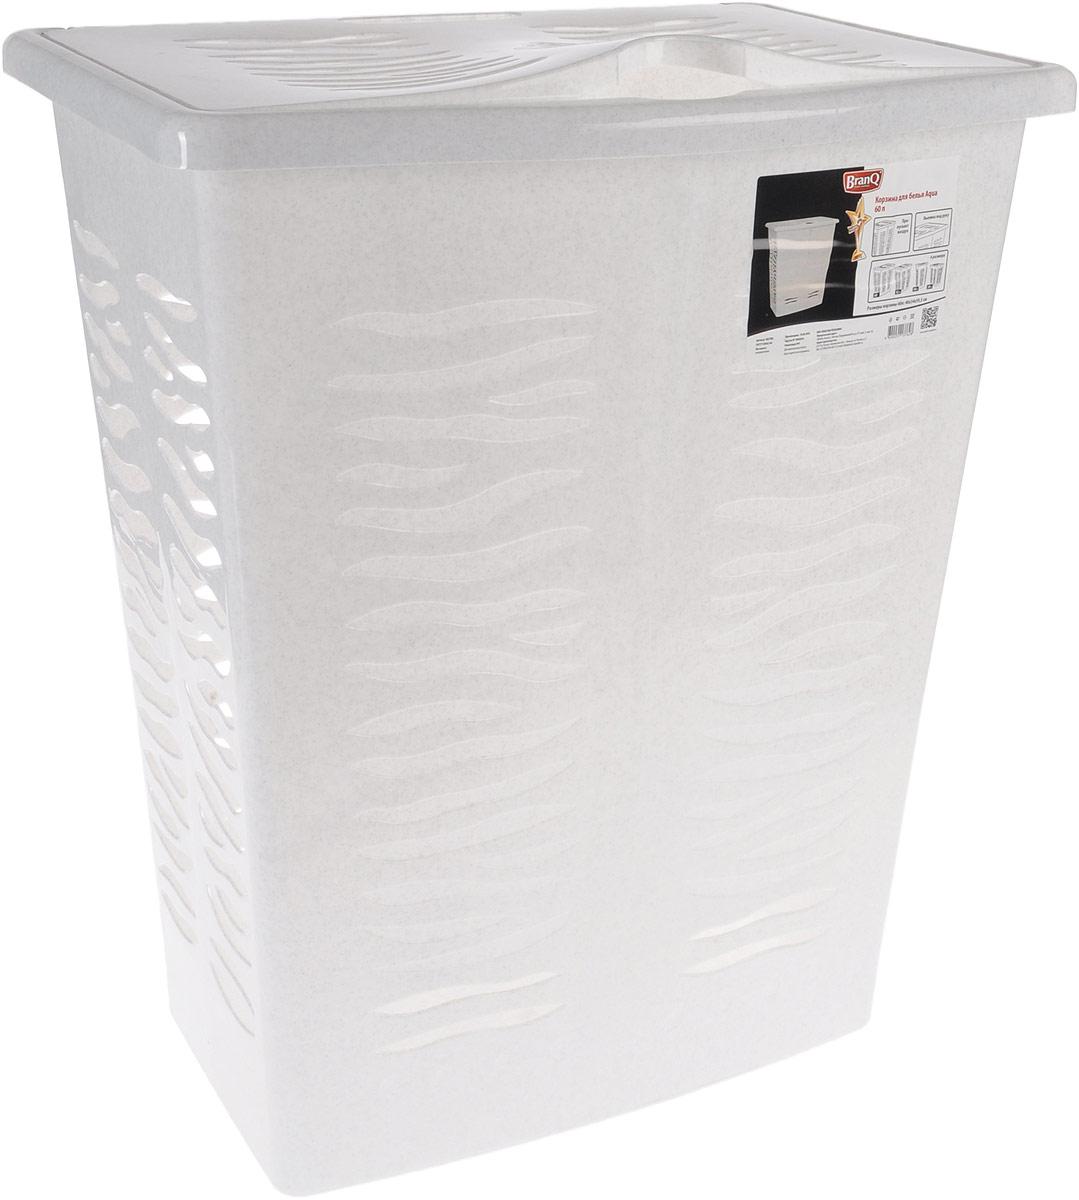 """Корзина для белья BranQ """"Aqua"""" изготовлена из прочного полипропилена и оформлена перфорированными отверстиями, благодаря которым обеспечивается естественная вентиляция. Корзина оснащена крышкой и ручкой для переноски. На крышке имеется выемка для удобного открывания крышки. Такая корзина для белья прекрасно впишется в интерьер ванной комнаты."""